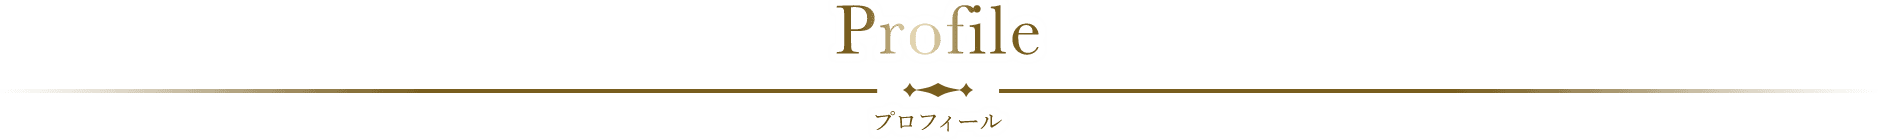 架純ーKASUMIーのプロフィールページ